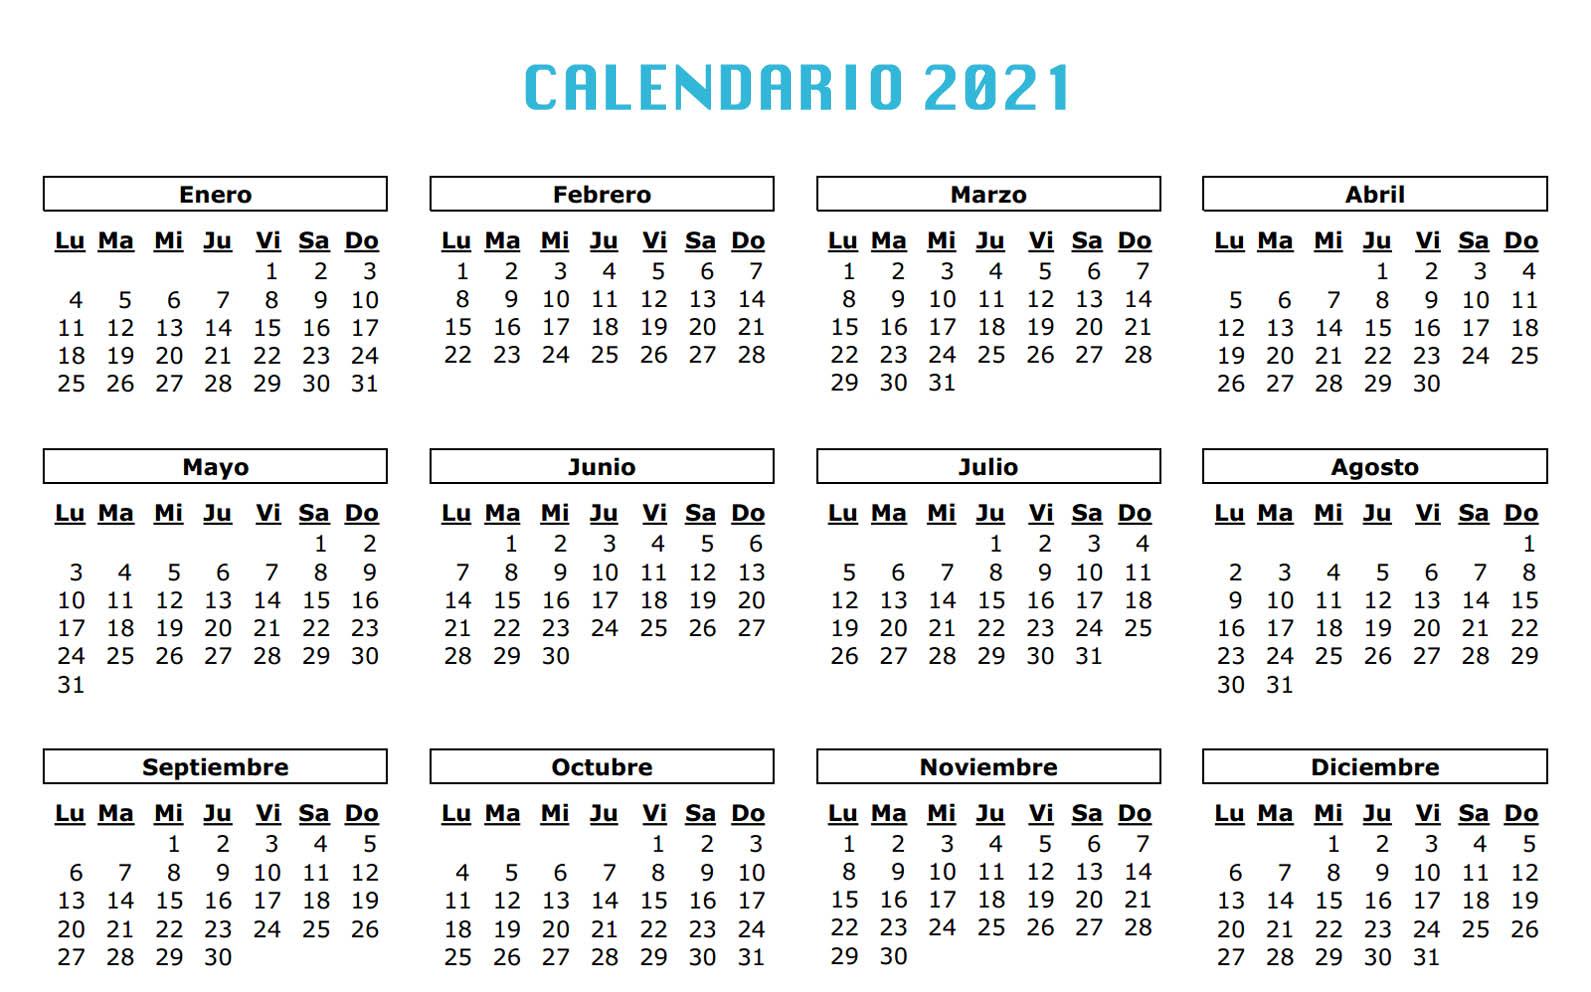 Calendario laboral 2021. festivos, fiestas